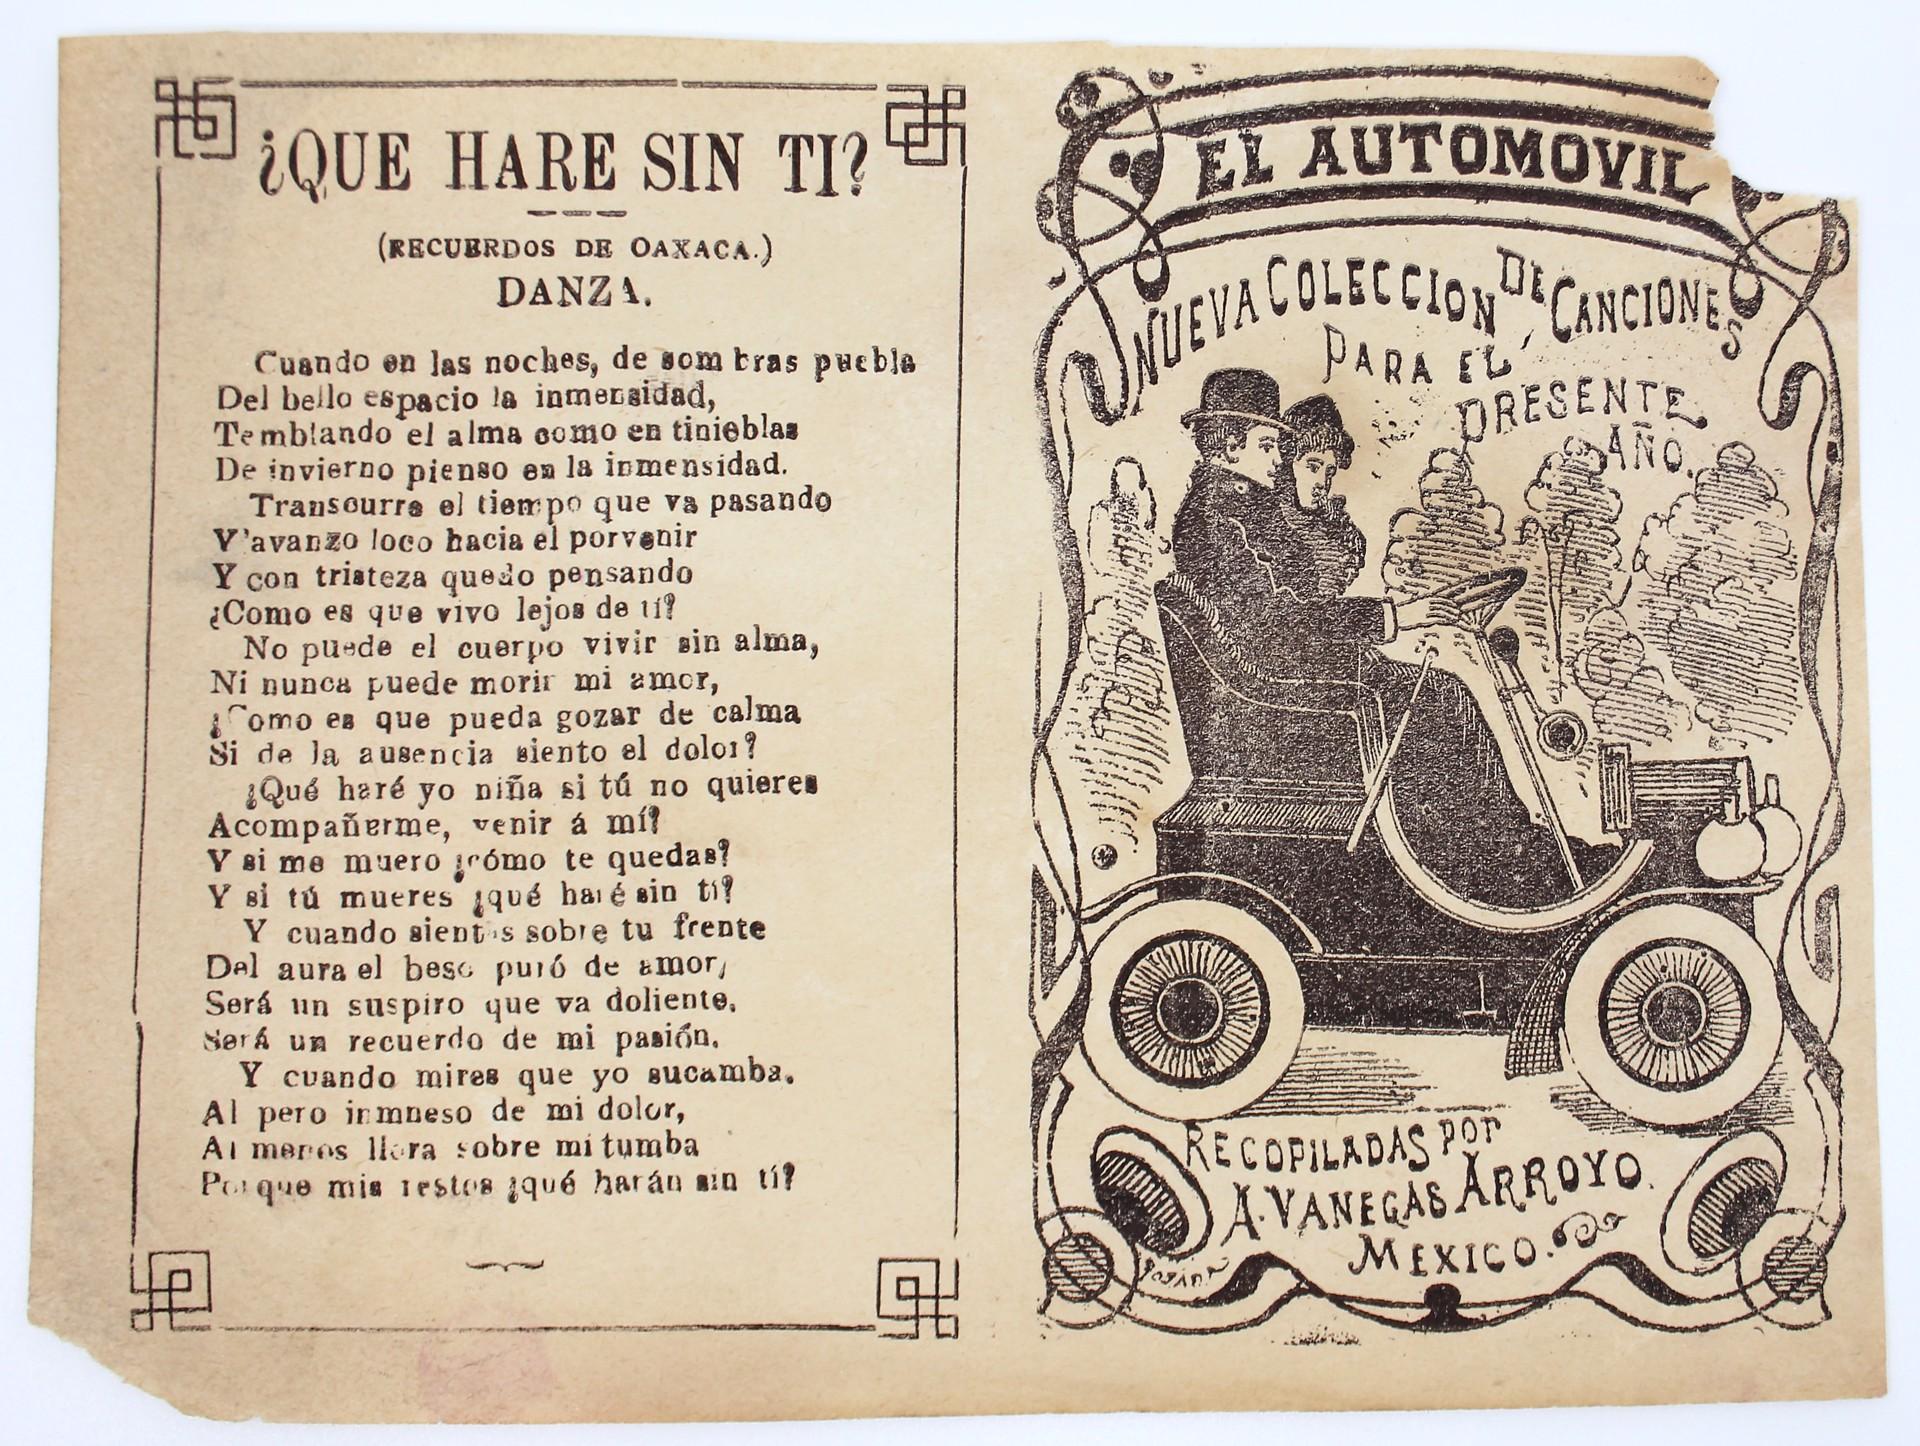 El Automovil. Nueva Colección de Canciones para el presente ano by José Guadalupe Posada (1852 - 1913)